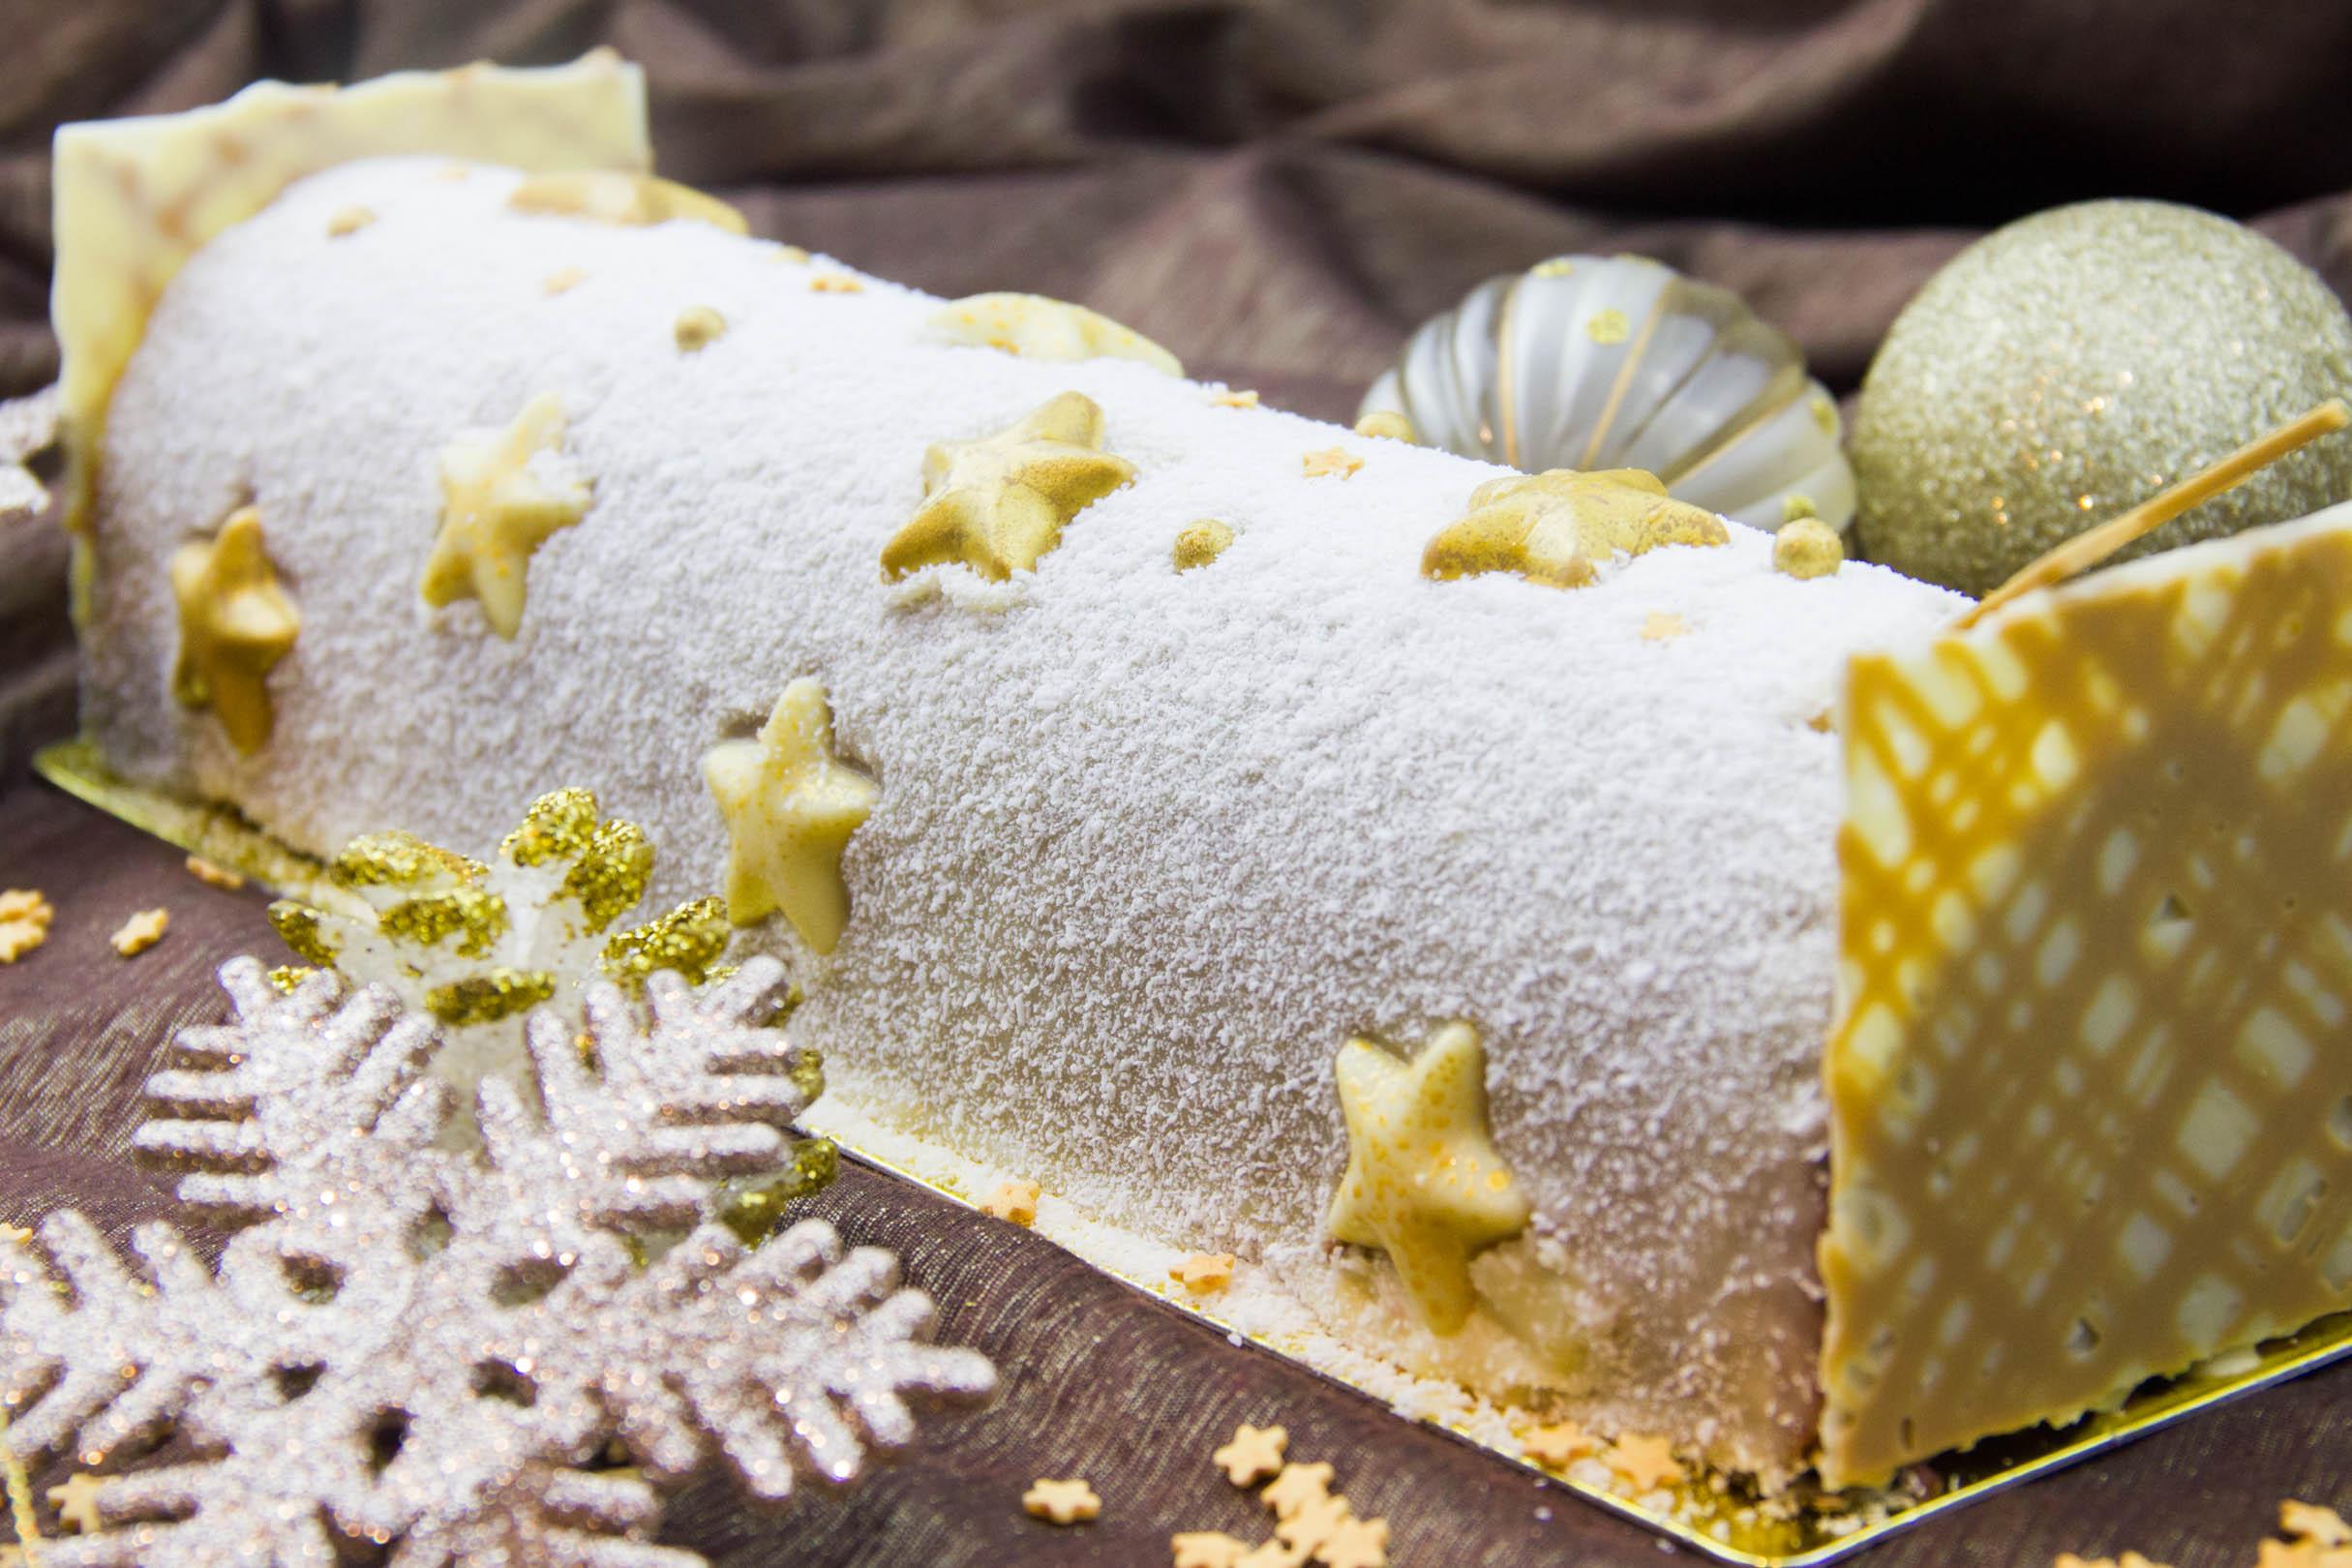 Le plus f erique des desserts glac s de no l l 39 etoile - Recette noel cyril lignac ...